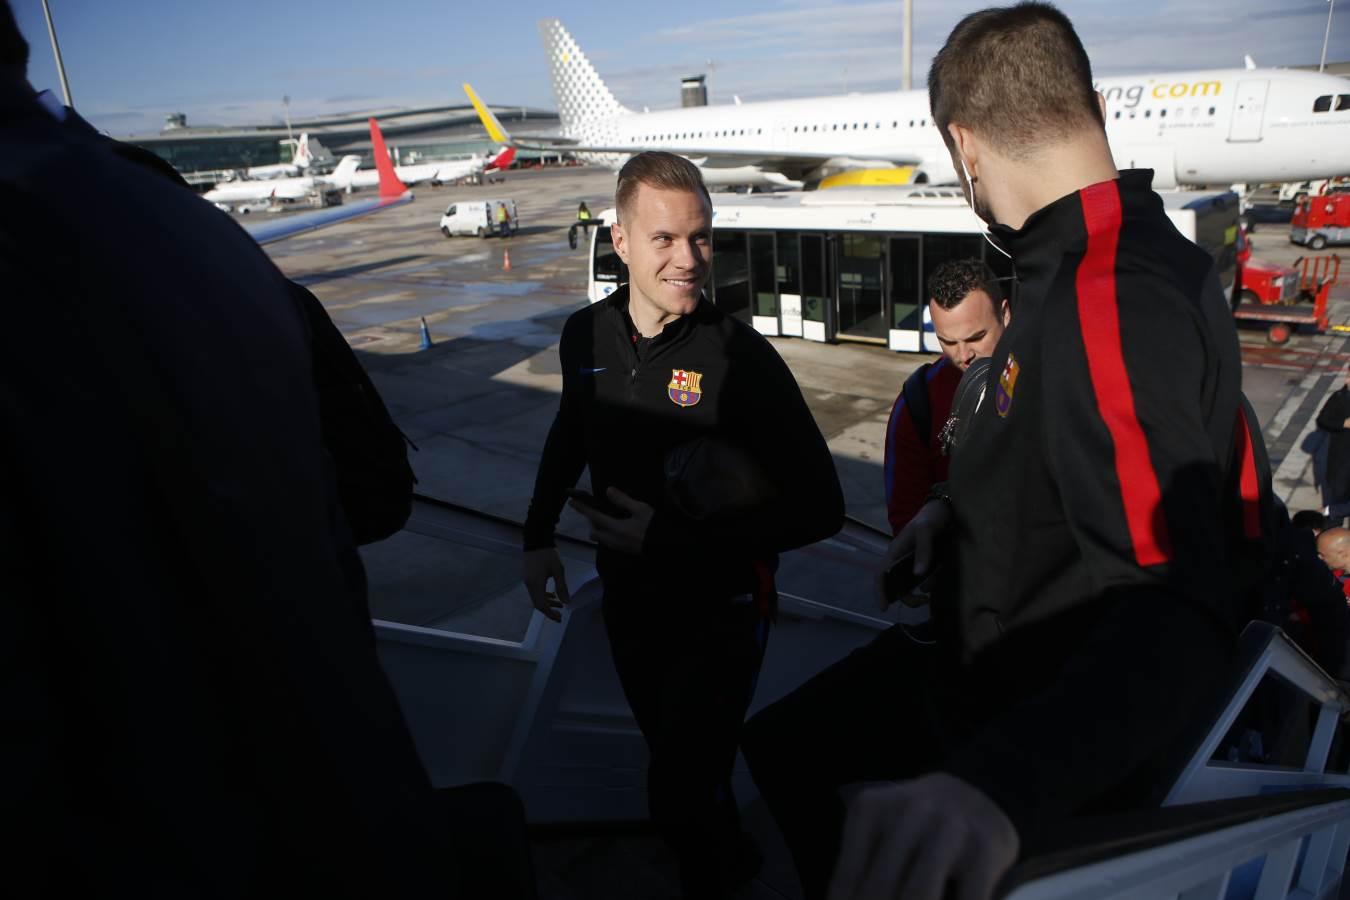 ✈ El primer equipo inicia su viaje hacia San Sebastián #FCBlive https://t.co/A4Pyjhb4Sh